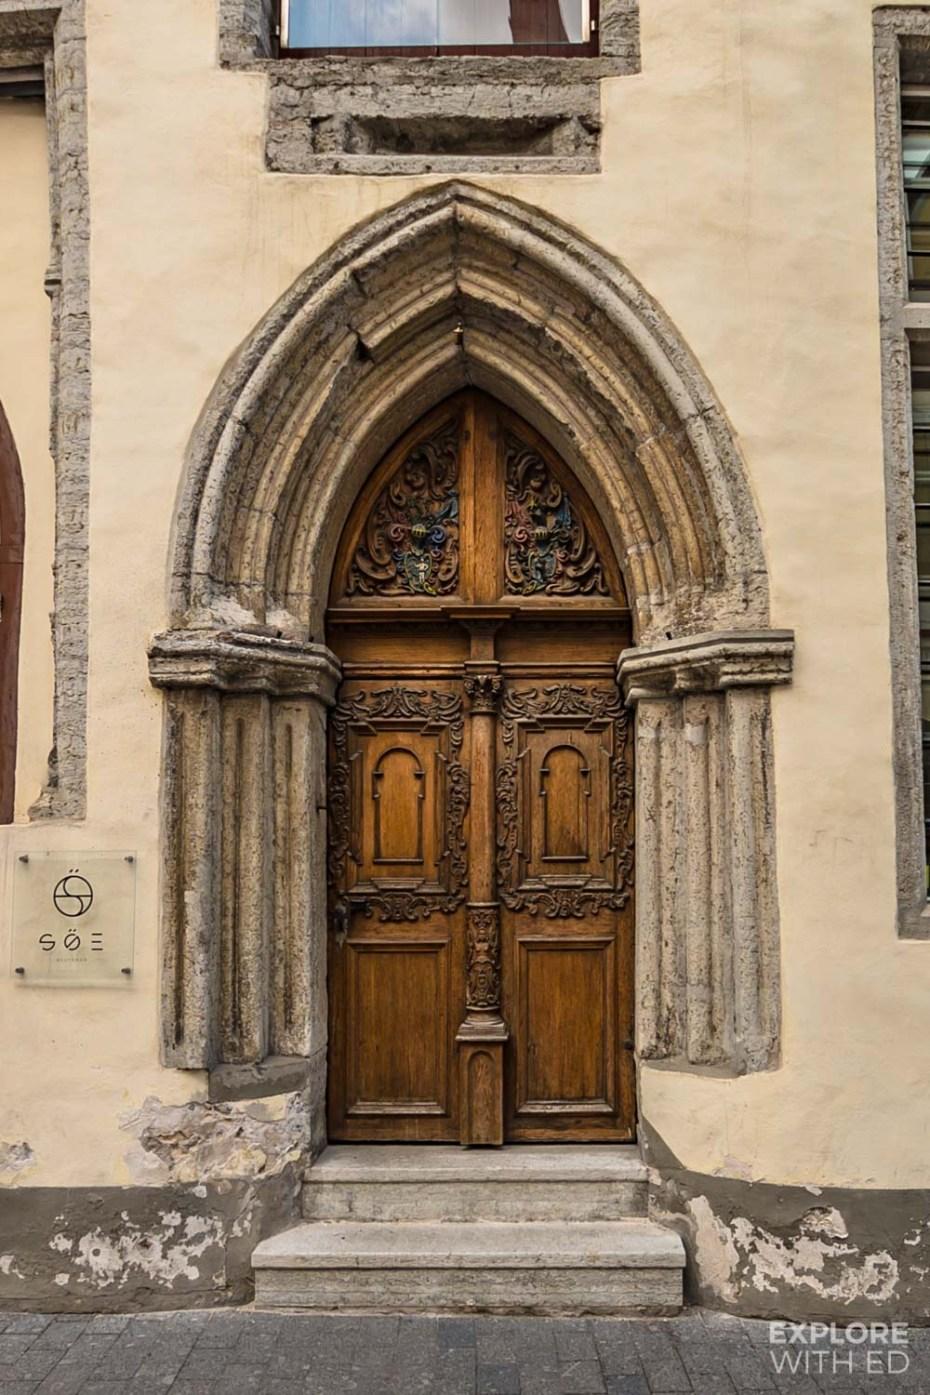 The old doors of Tallinn's old town